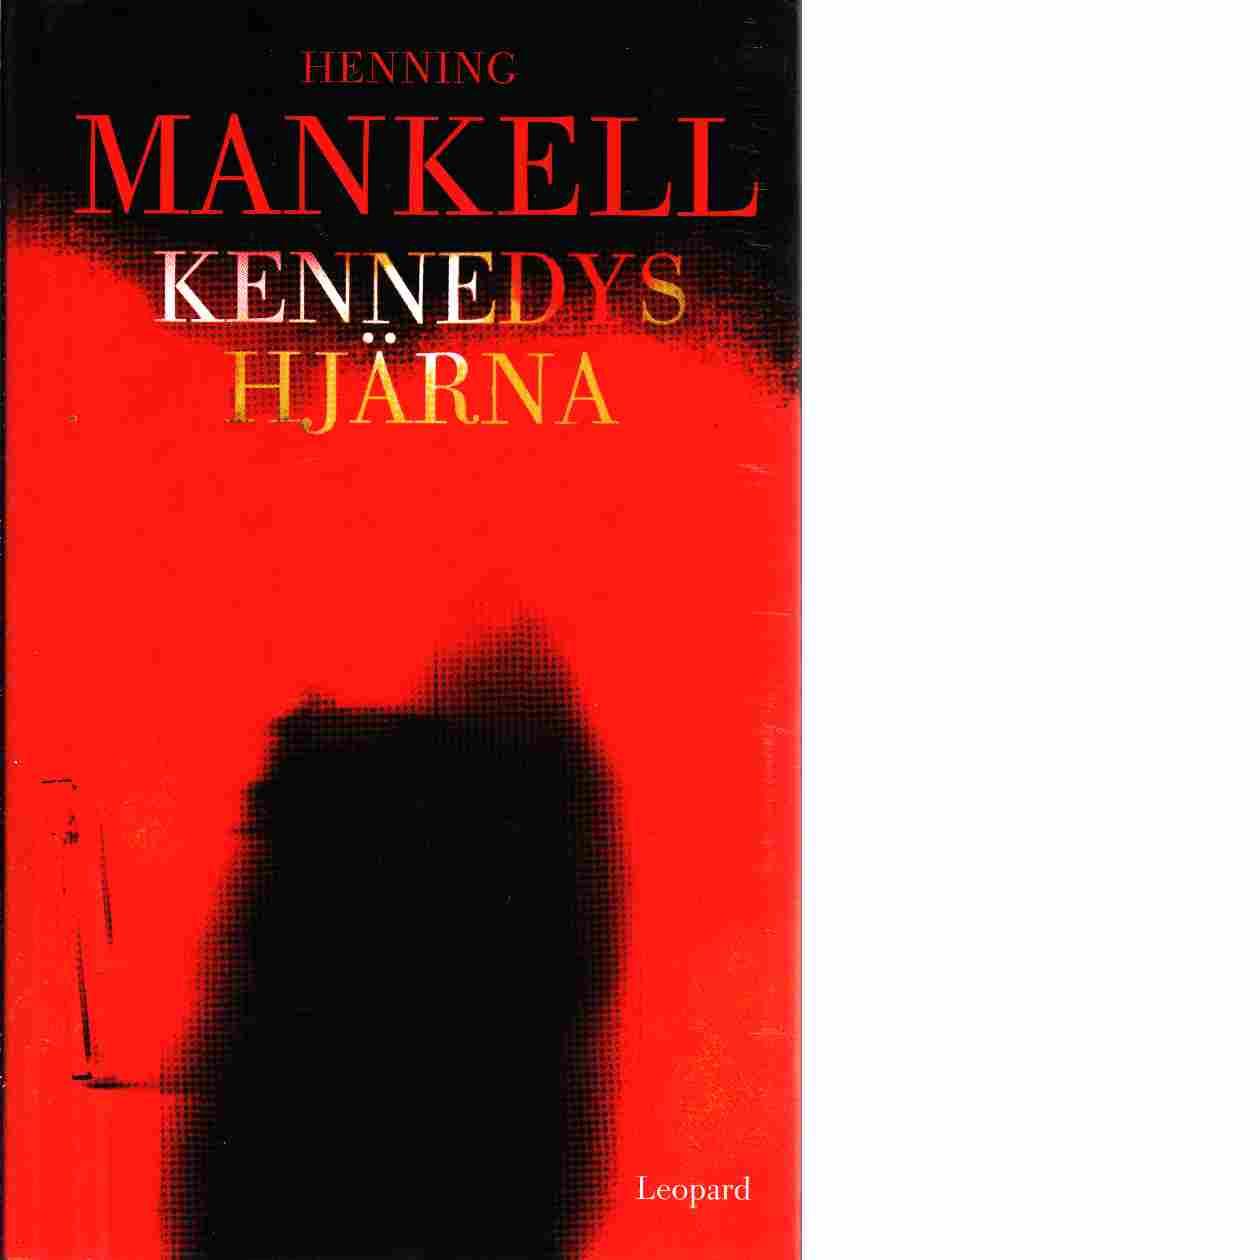 Kennedys hjärna - Mankell, Henning